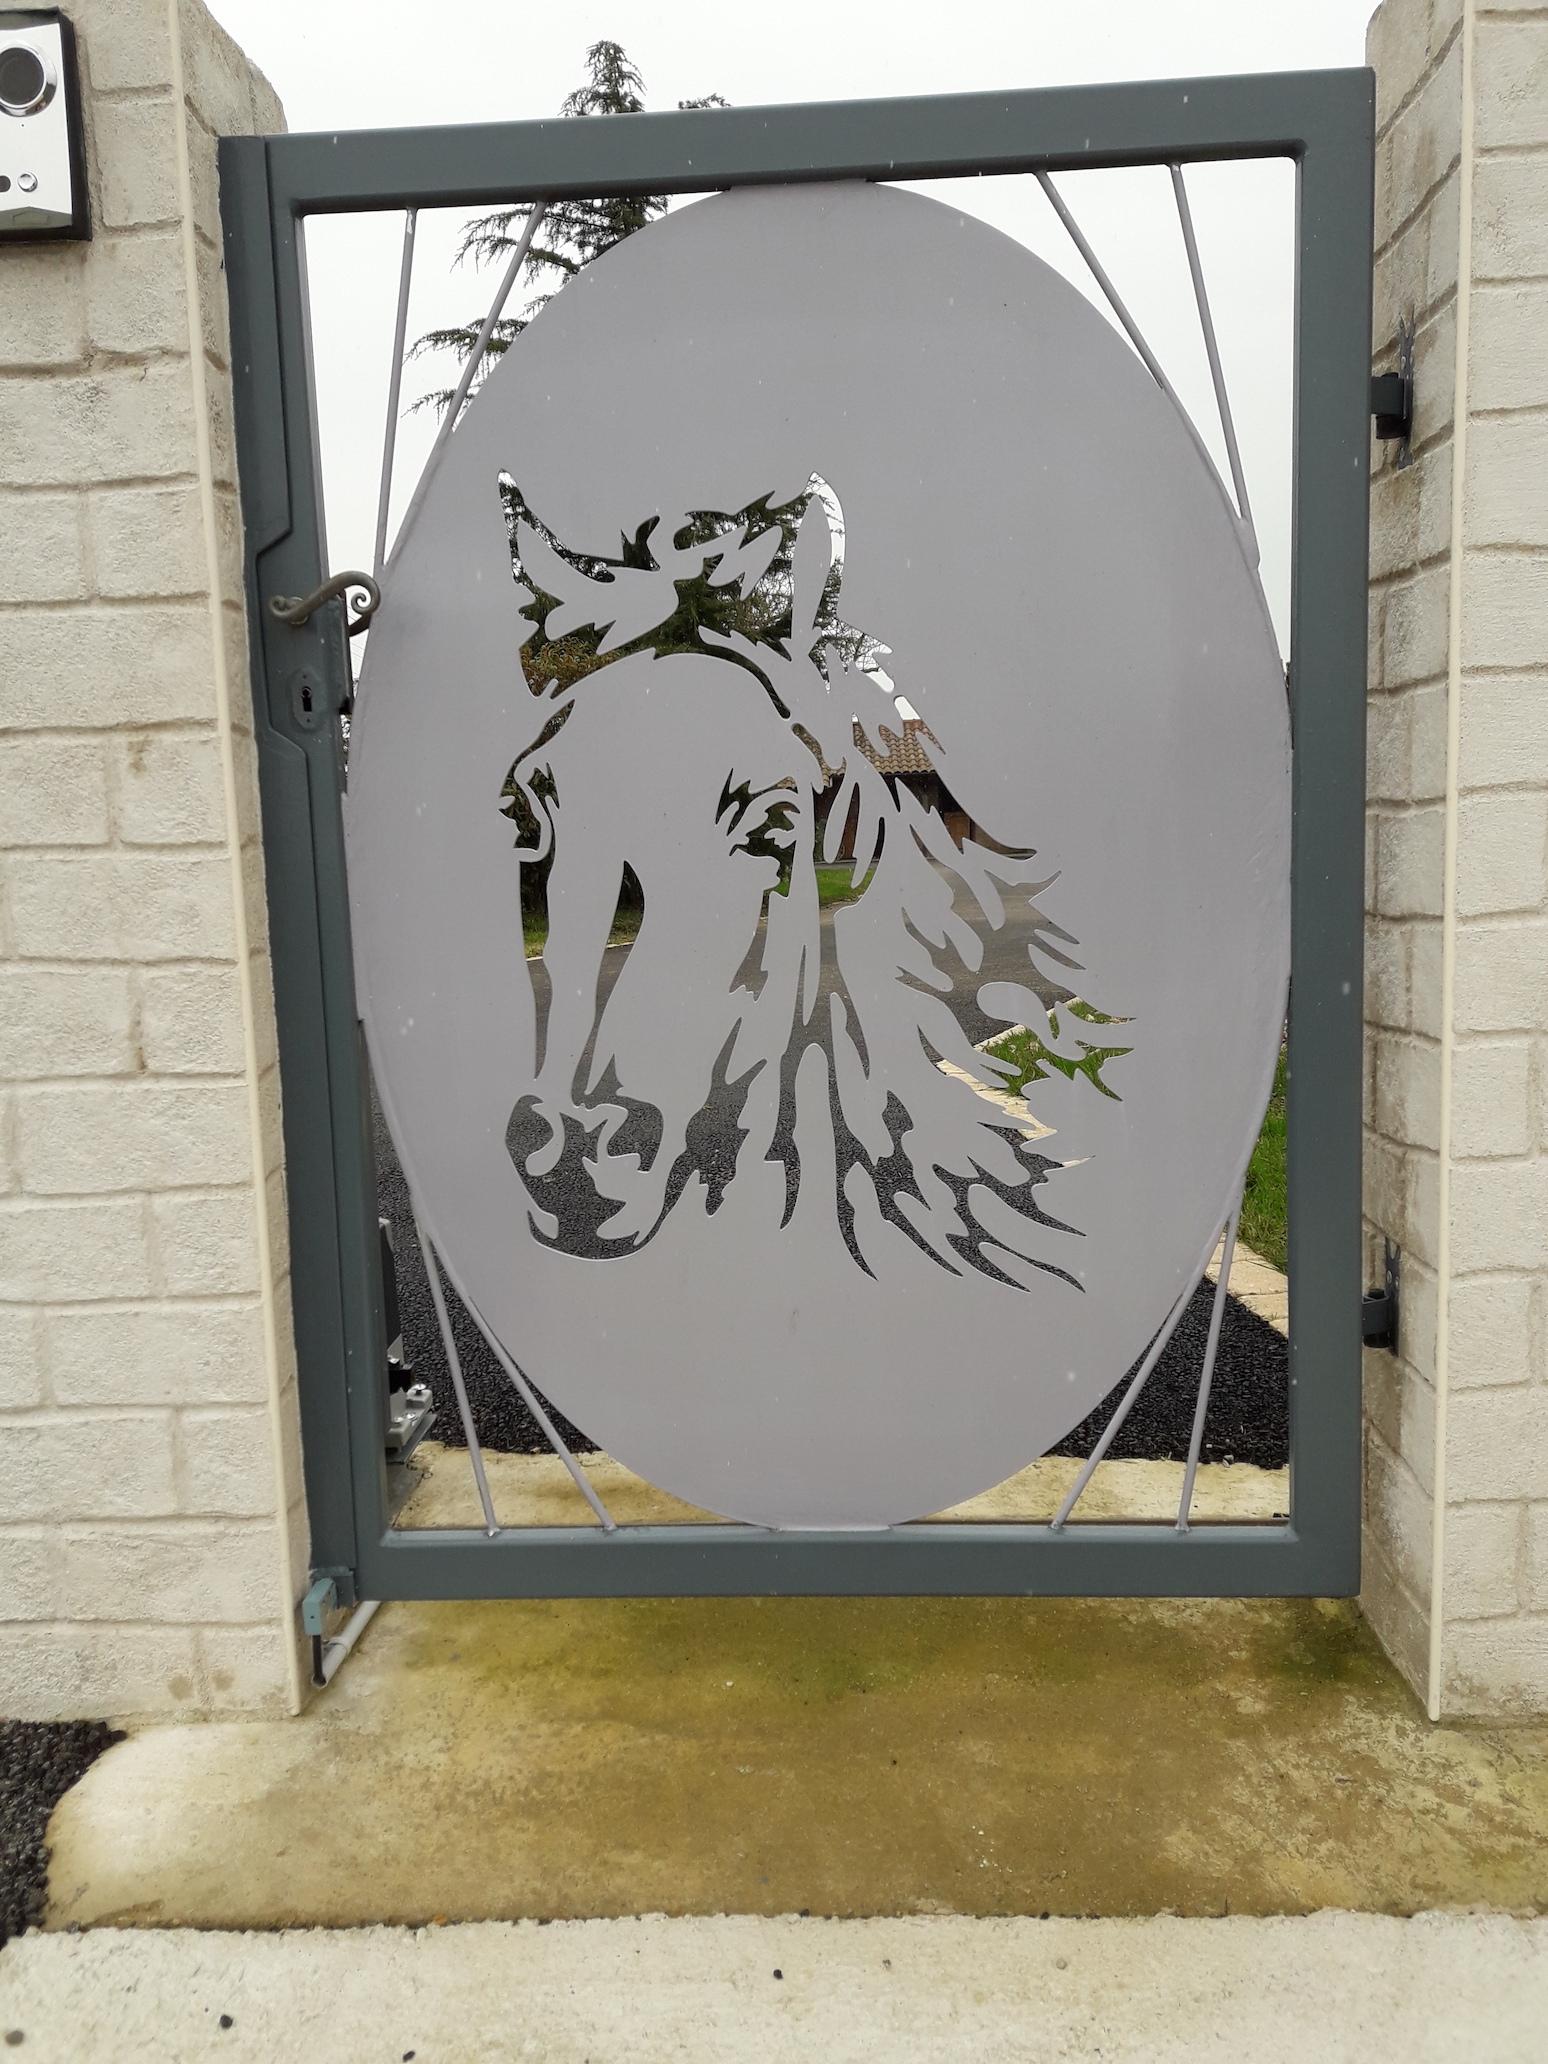 A la demande de notre client nous avons fabriqué sur mesure une plaque en acier personnalisée décor cheval pour portillon .